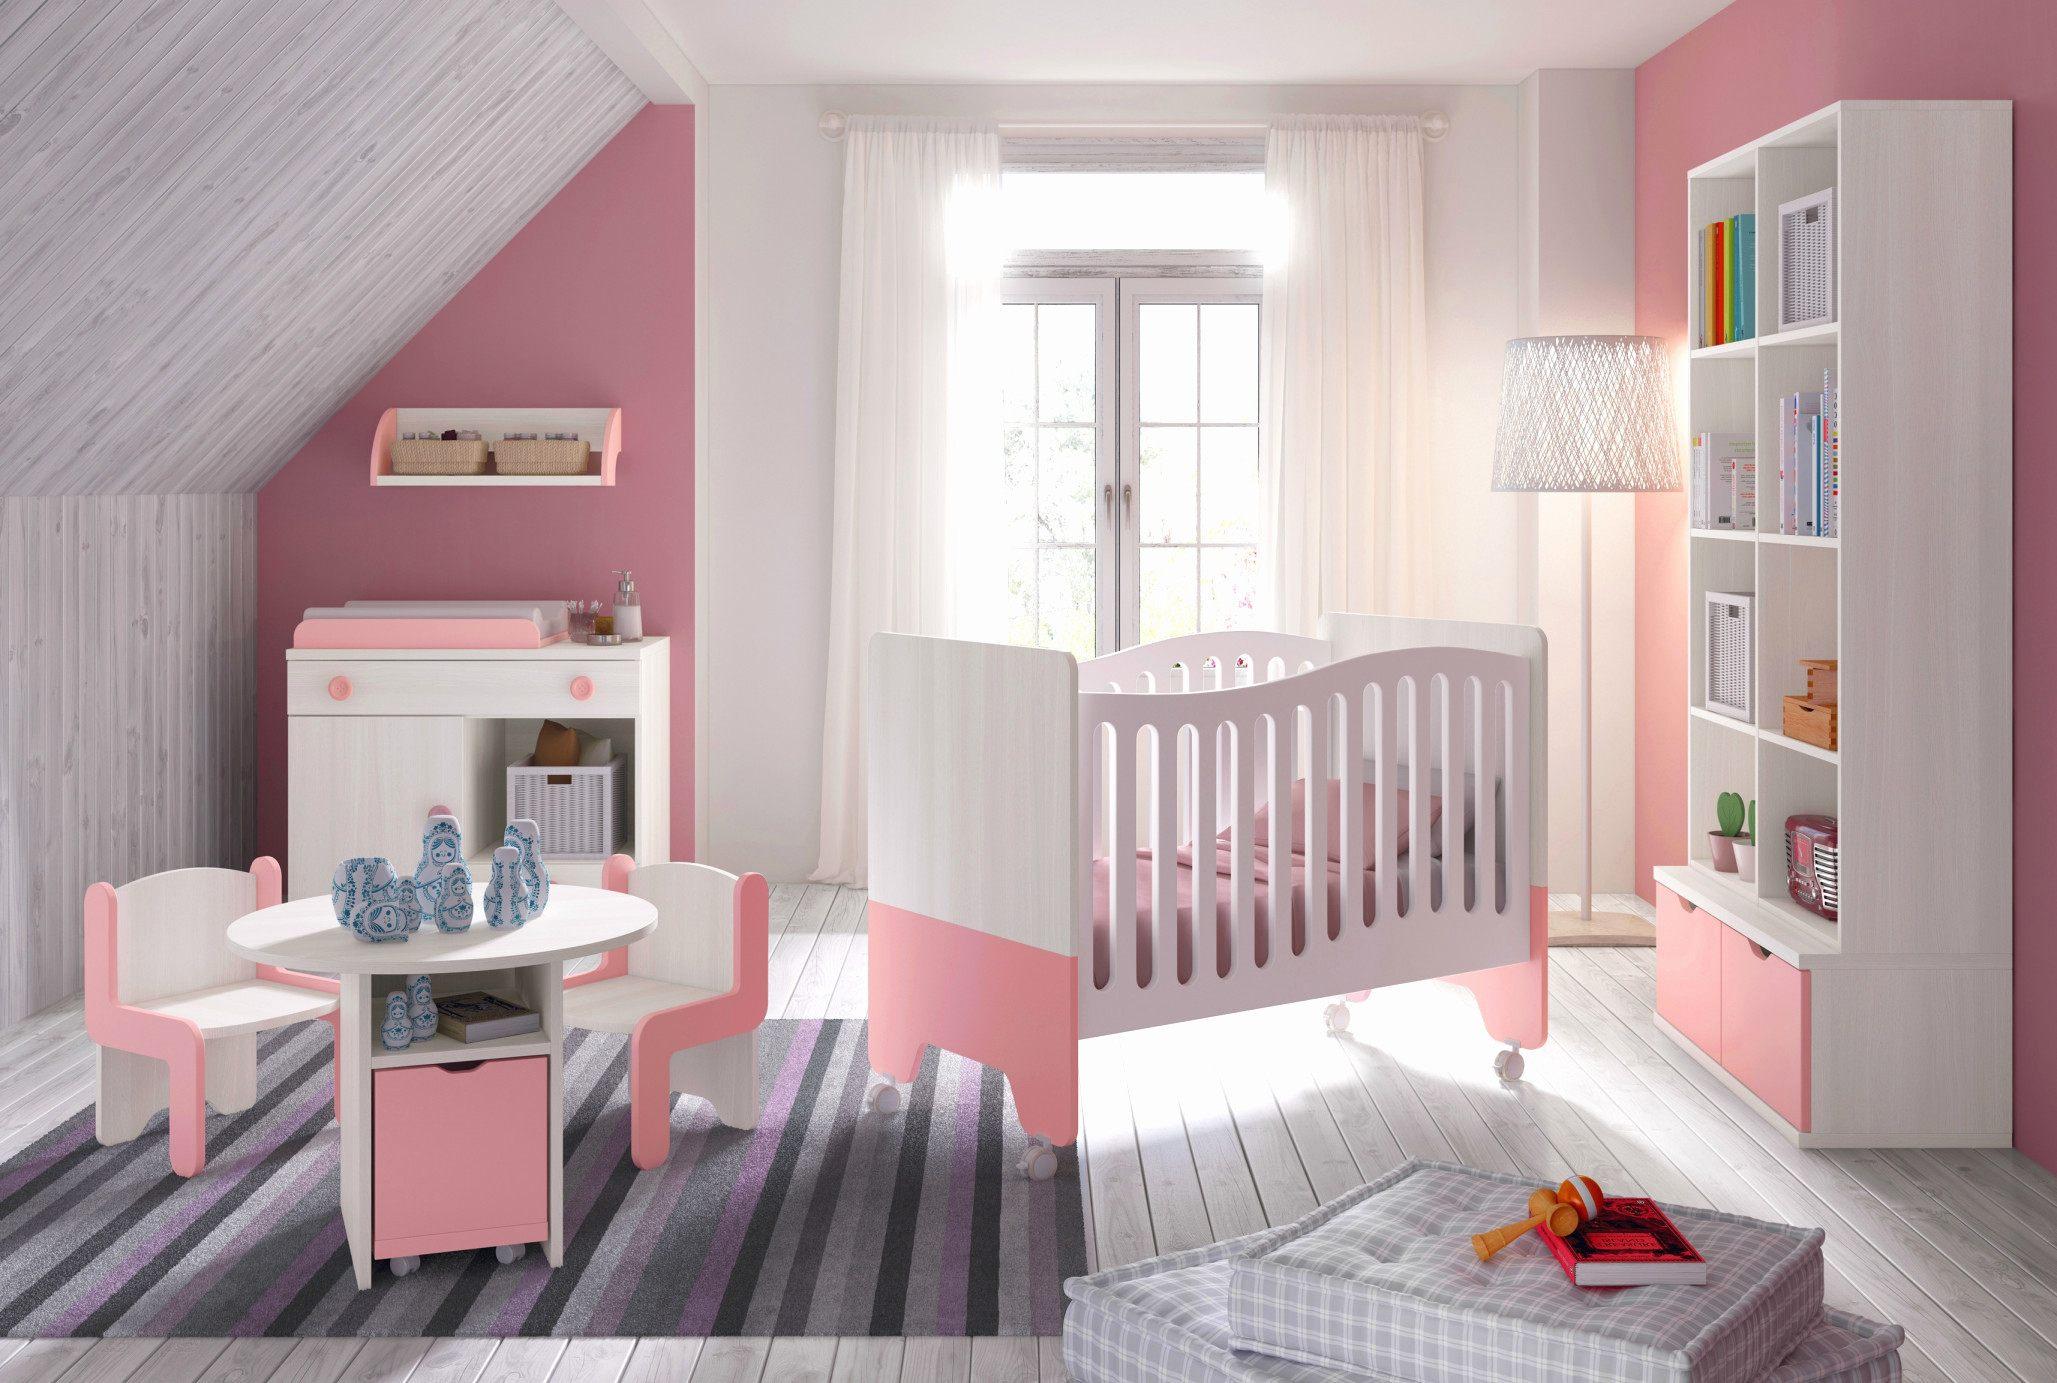 Lit Bébé Superposé Fraîche Applique Murale Chambre Bébé Lustre Chambre Bébé Fille élégant Parc